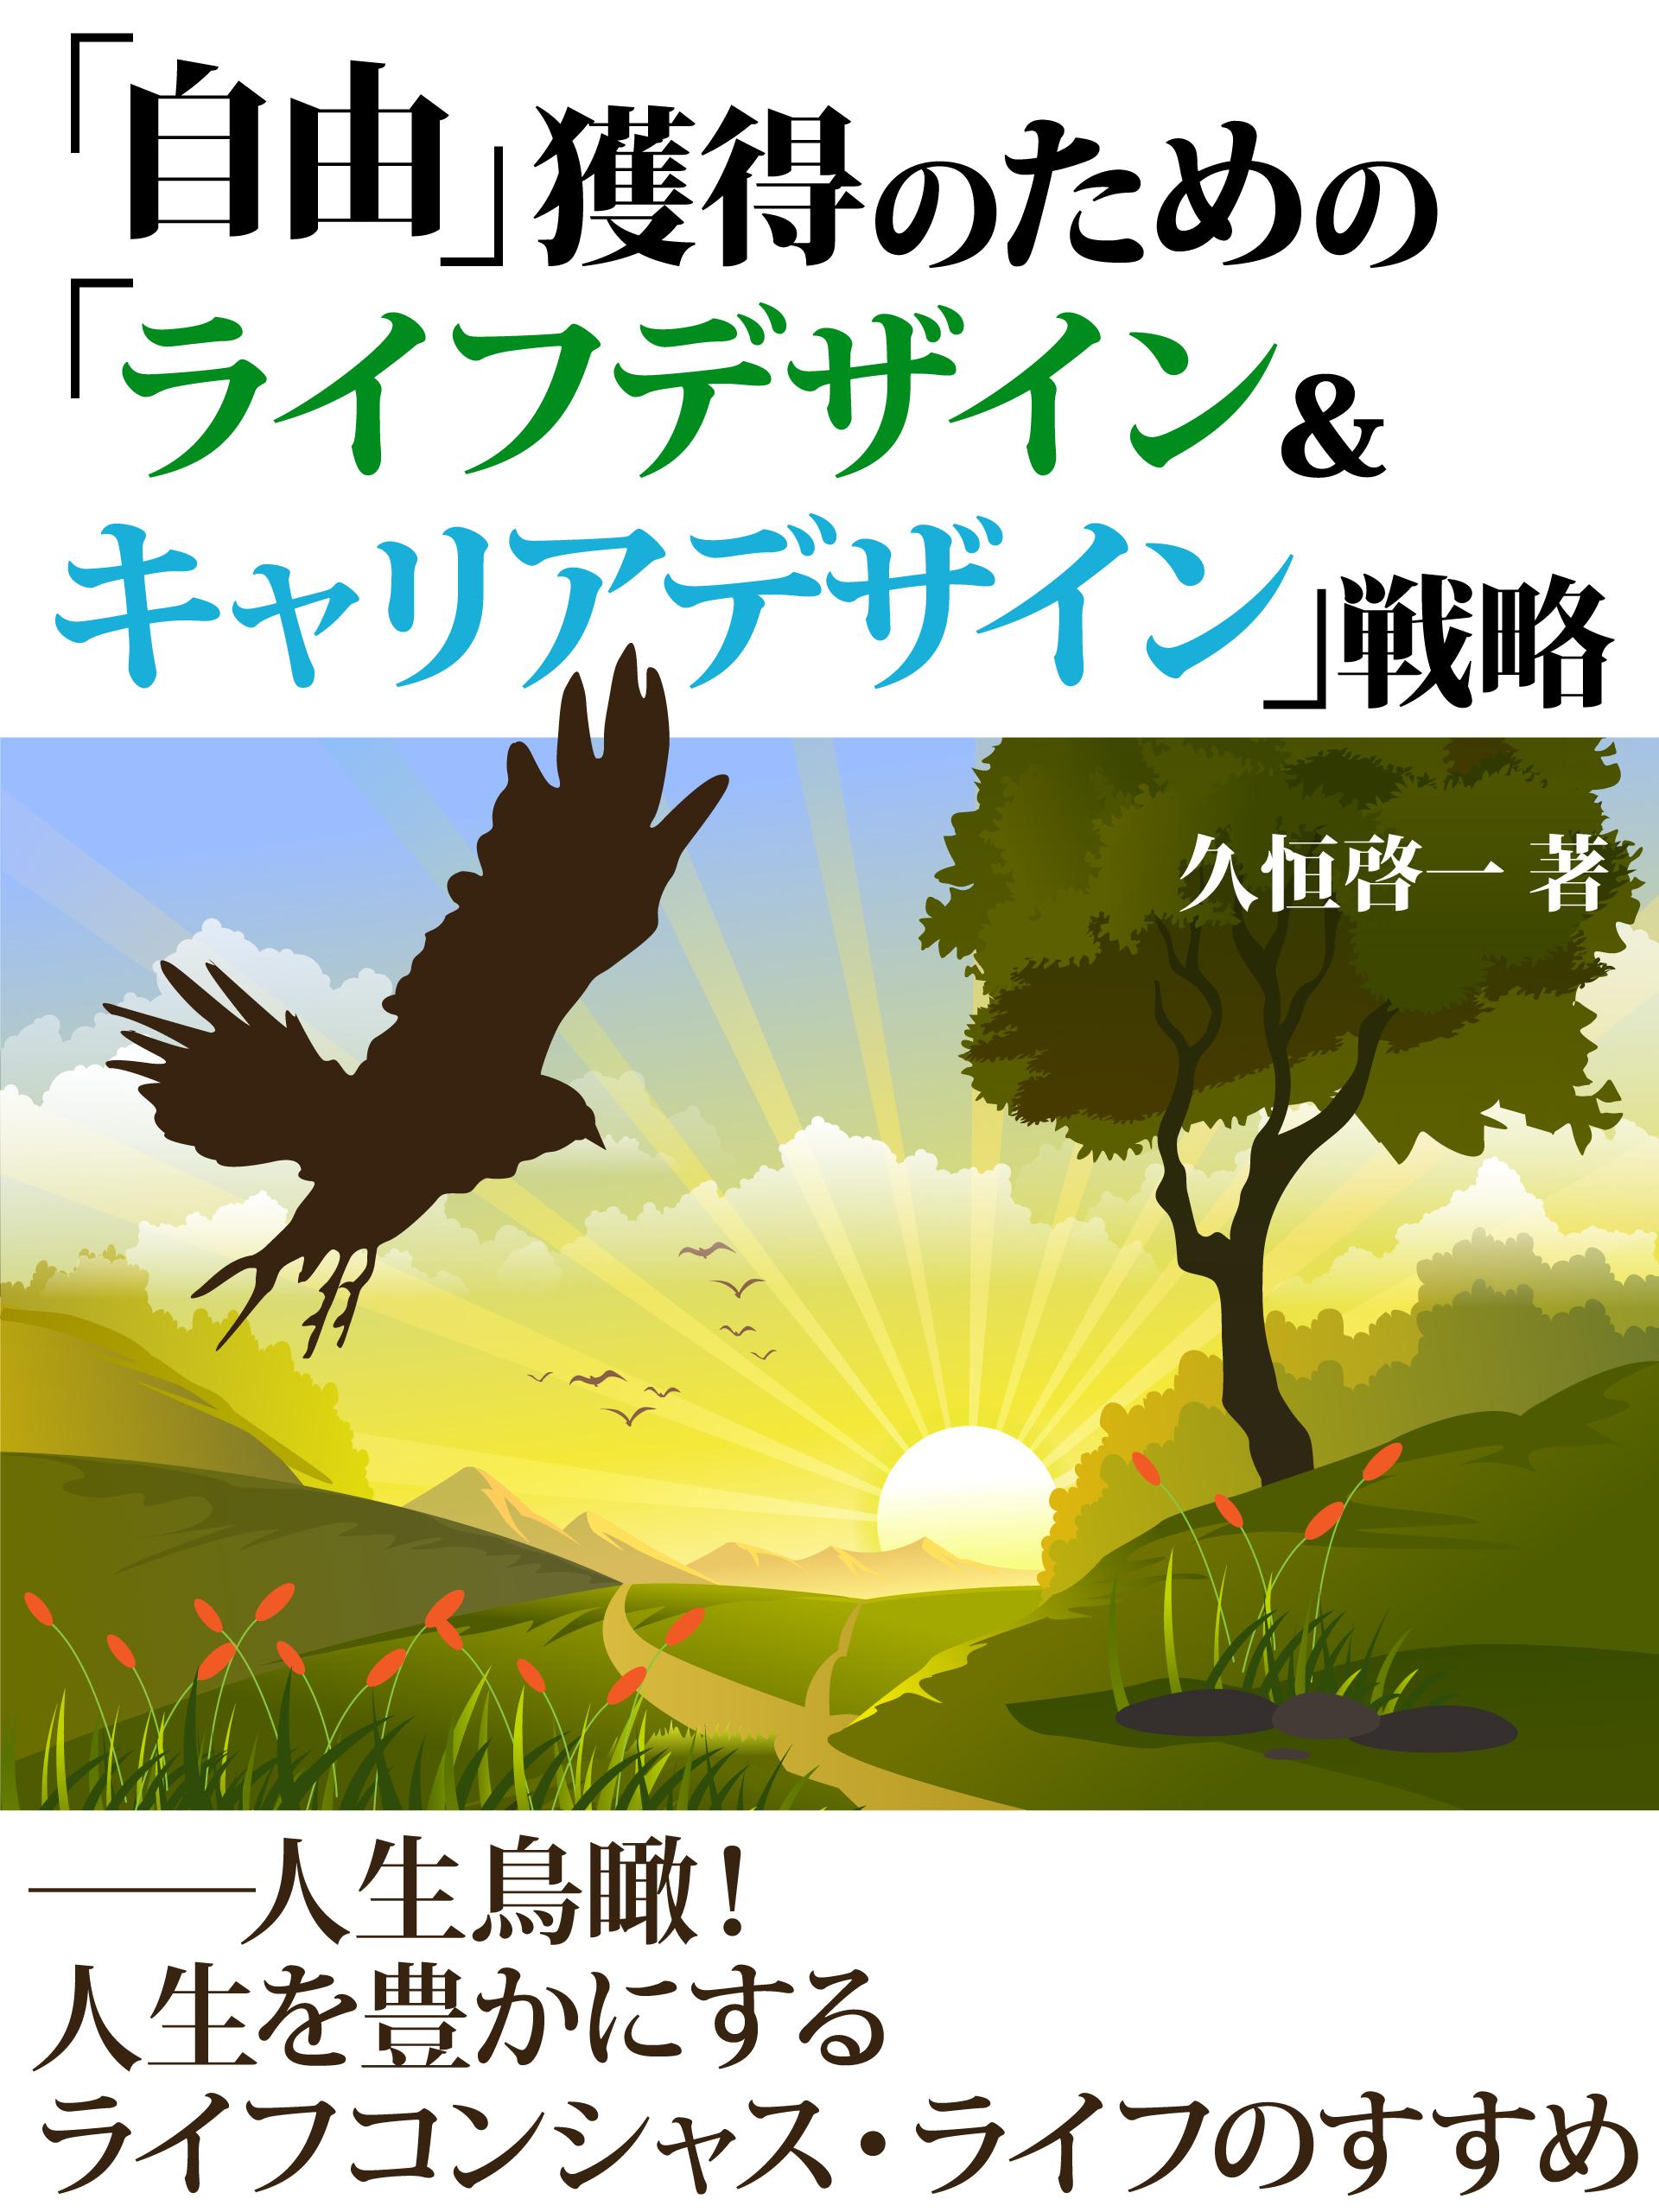 「自由」獲得のための「ライフデザイン&キャリアデザイン」戦略 ――人生鳥瞰! 人生を豊かにするライフコンシャス・ライフのすすめ